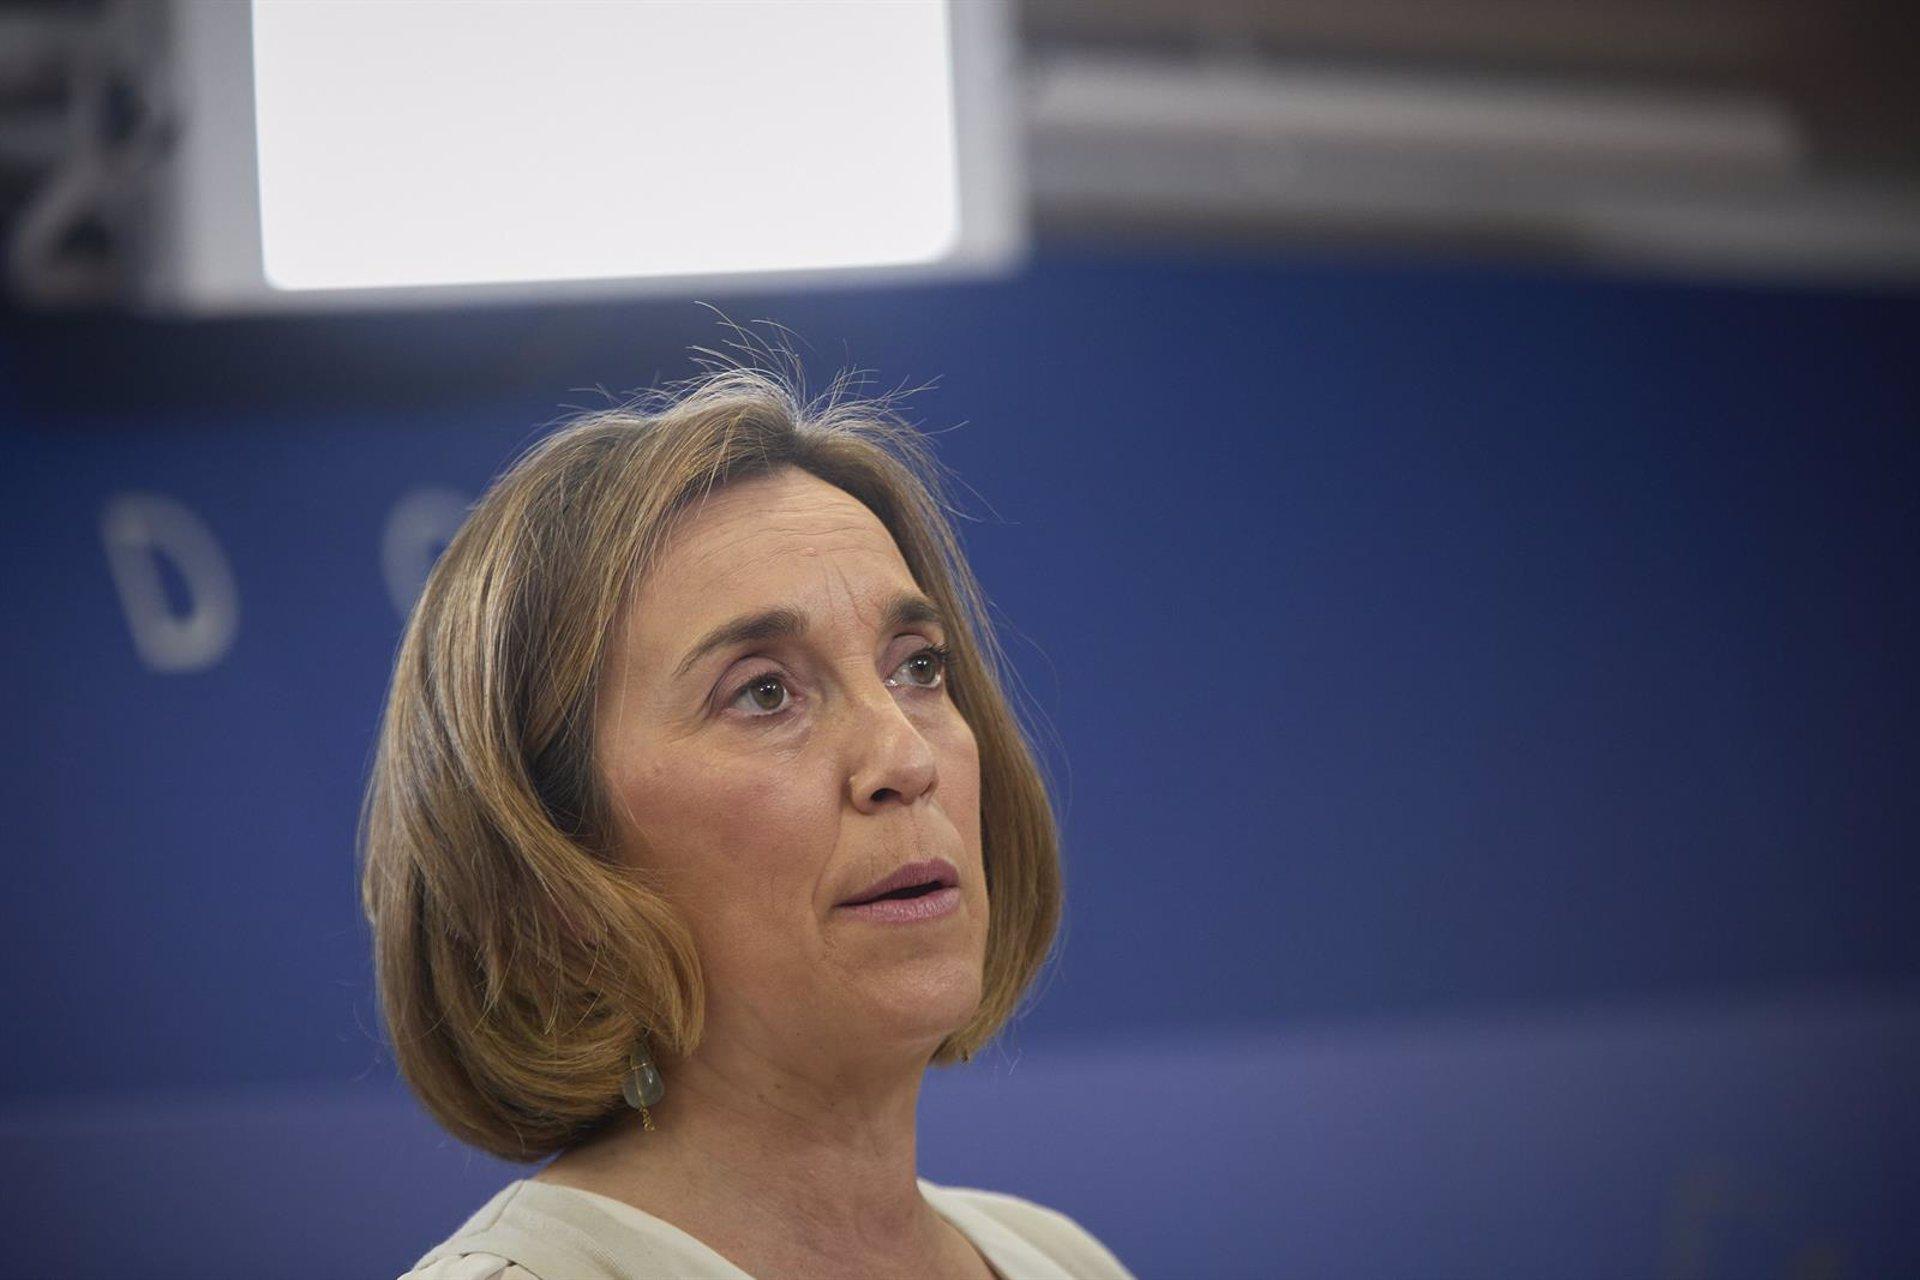 El PP adelanta su rechazo al indulto para Juana Rivas